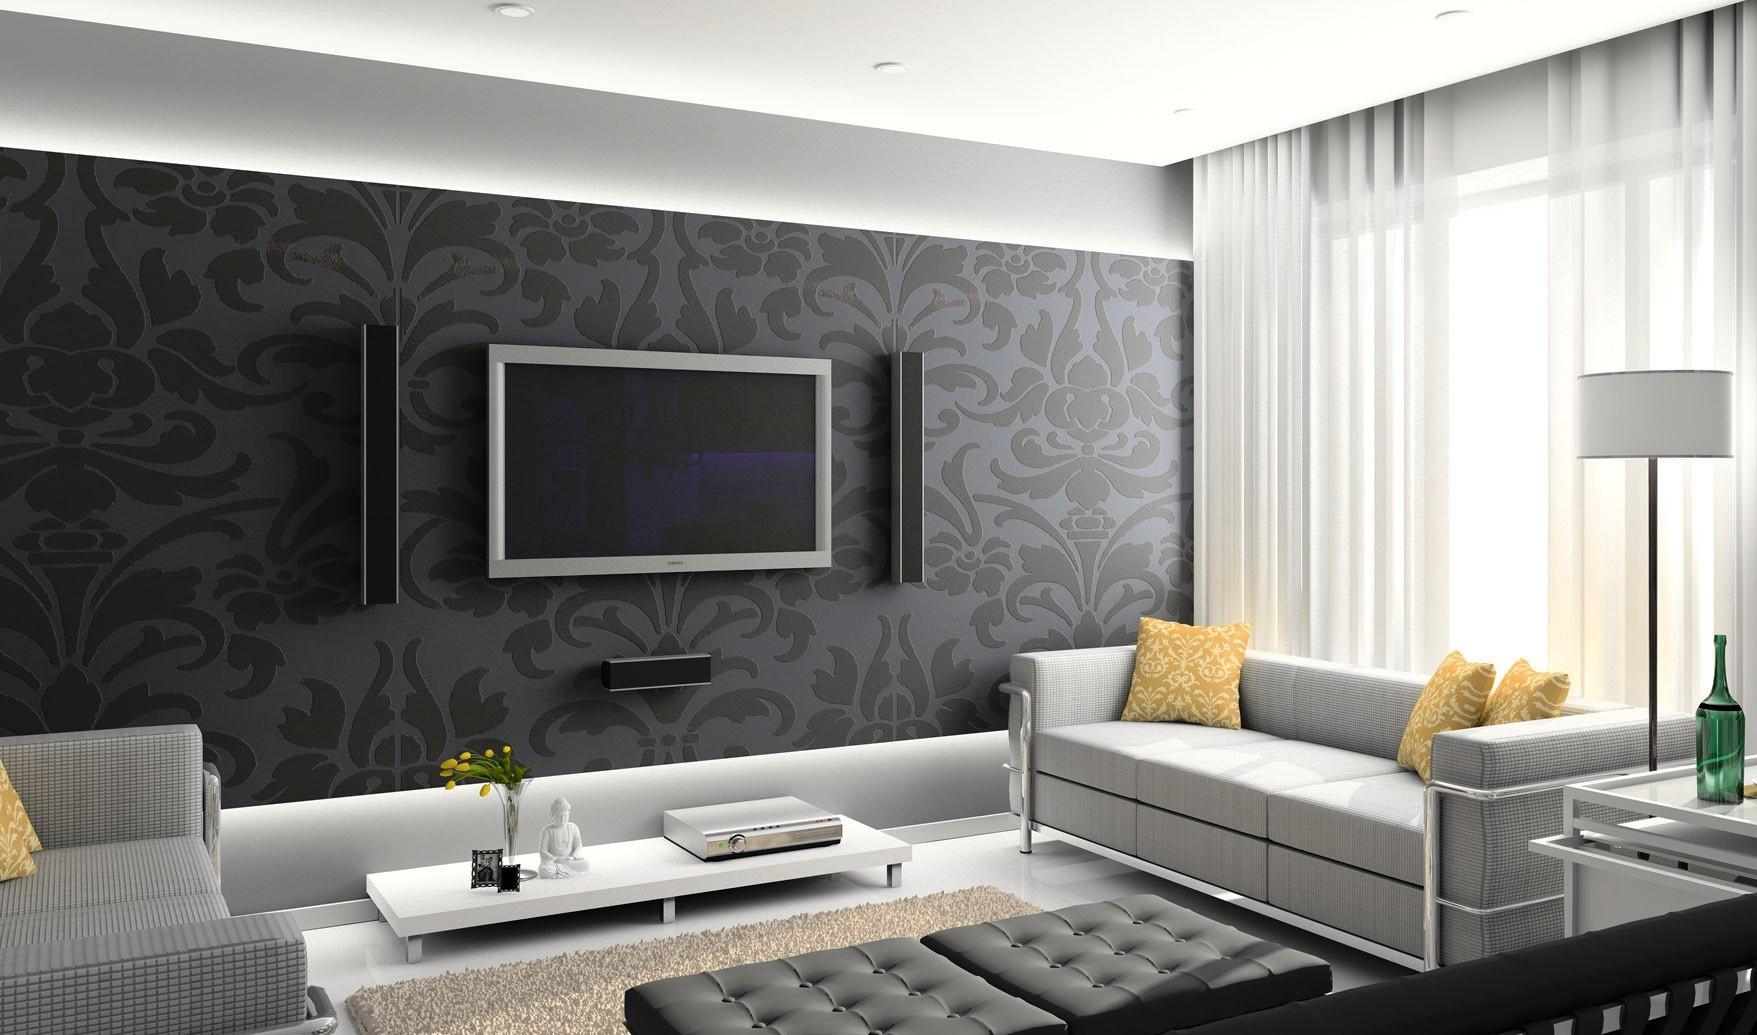 Прииятный интерьер просторной комнаты